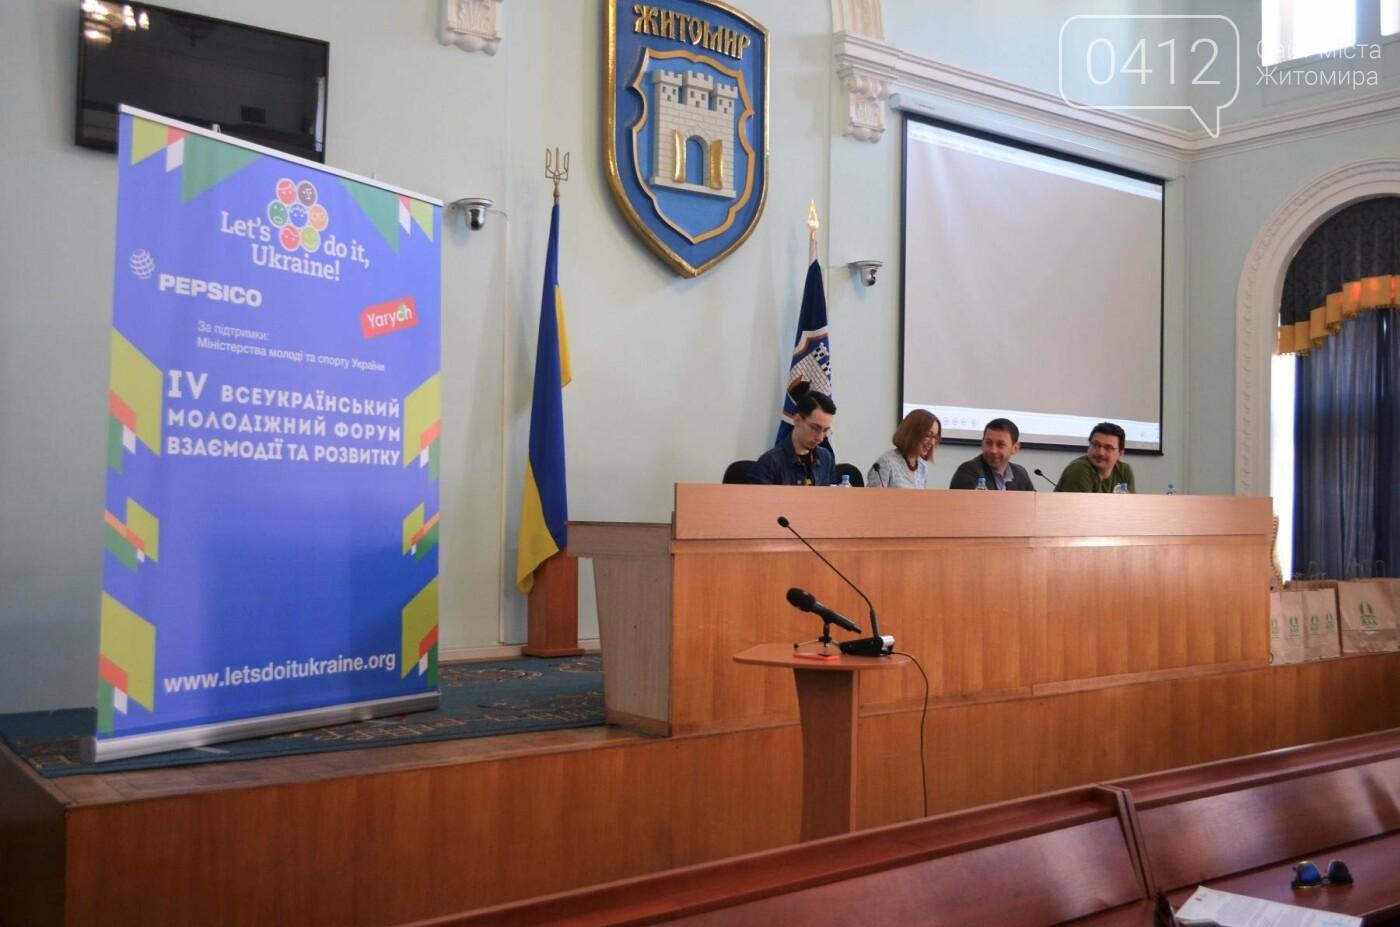 У Житомирі проходить молодіжний форум, фото-3